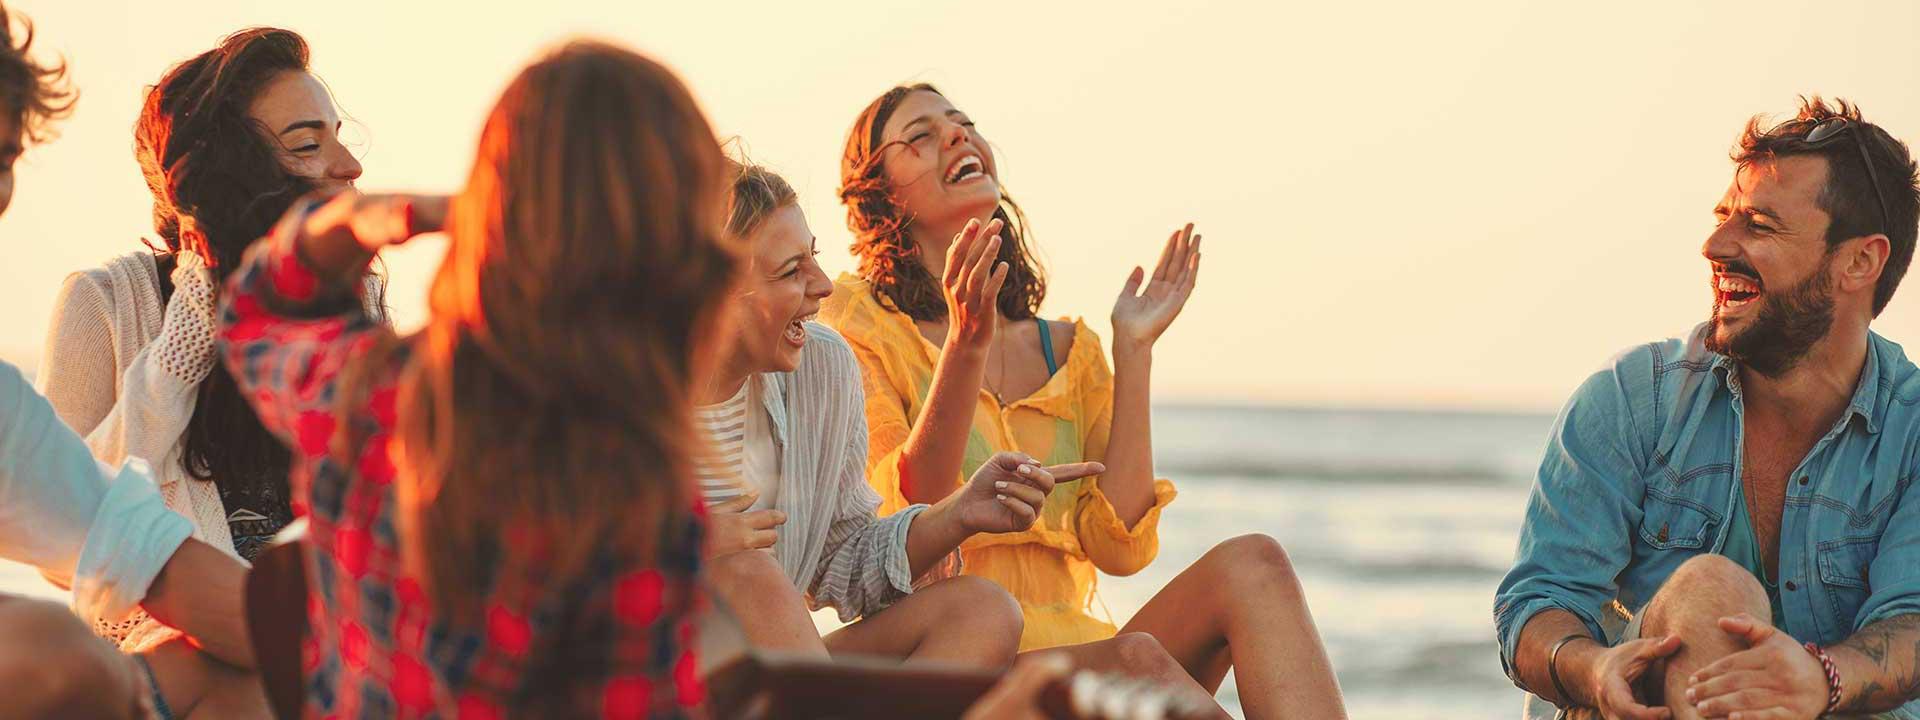 Groupe d'amis qui rient, assis sur une plage